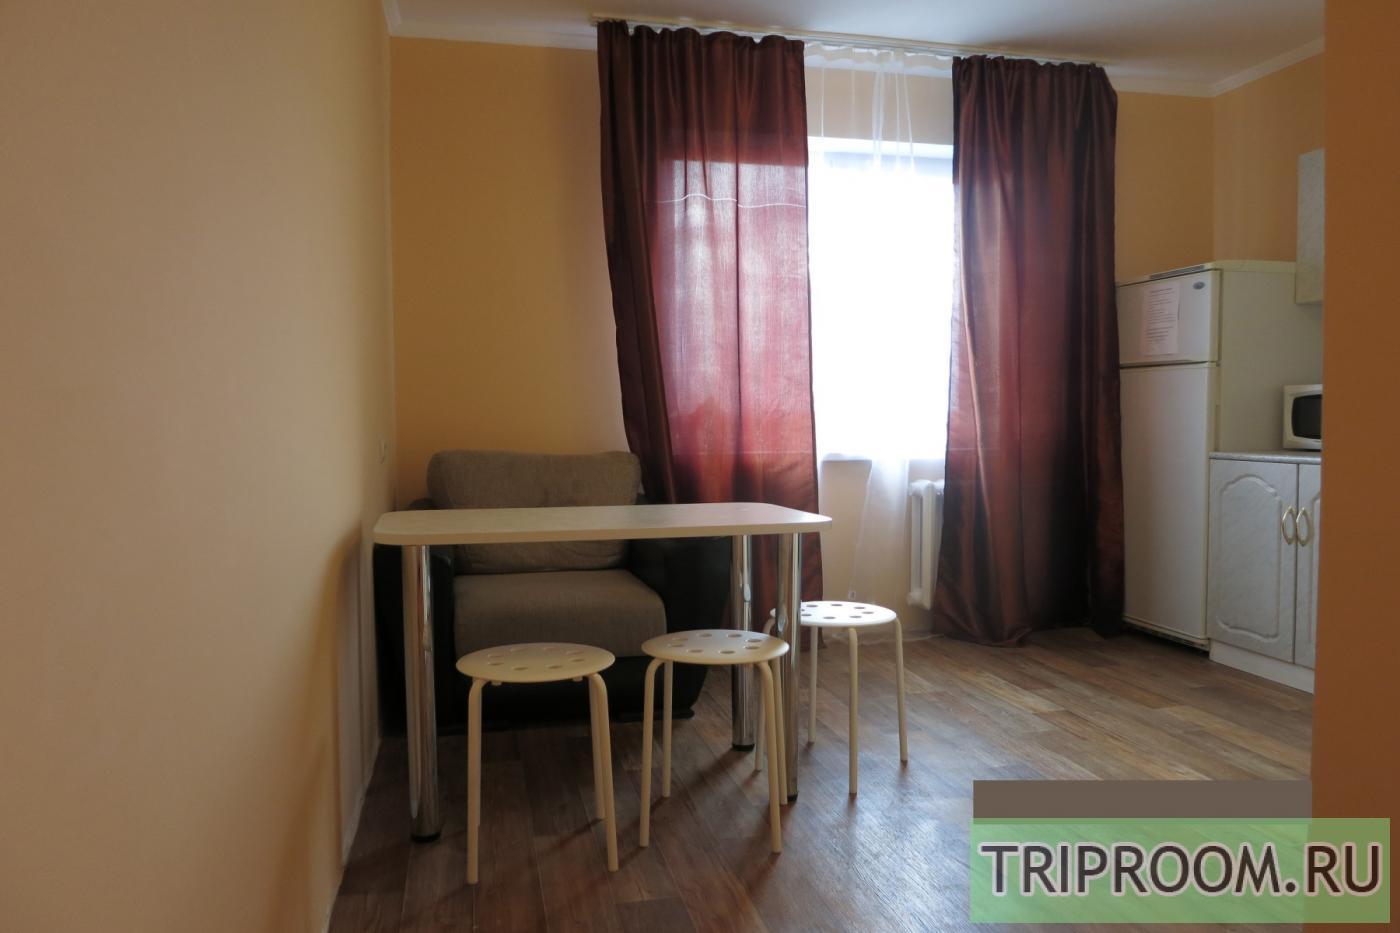 1-комнатная квартира посуточно (вариант № 6972), ул. Авиационная улица, фото № 5